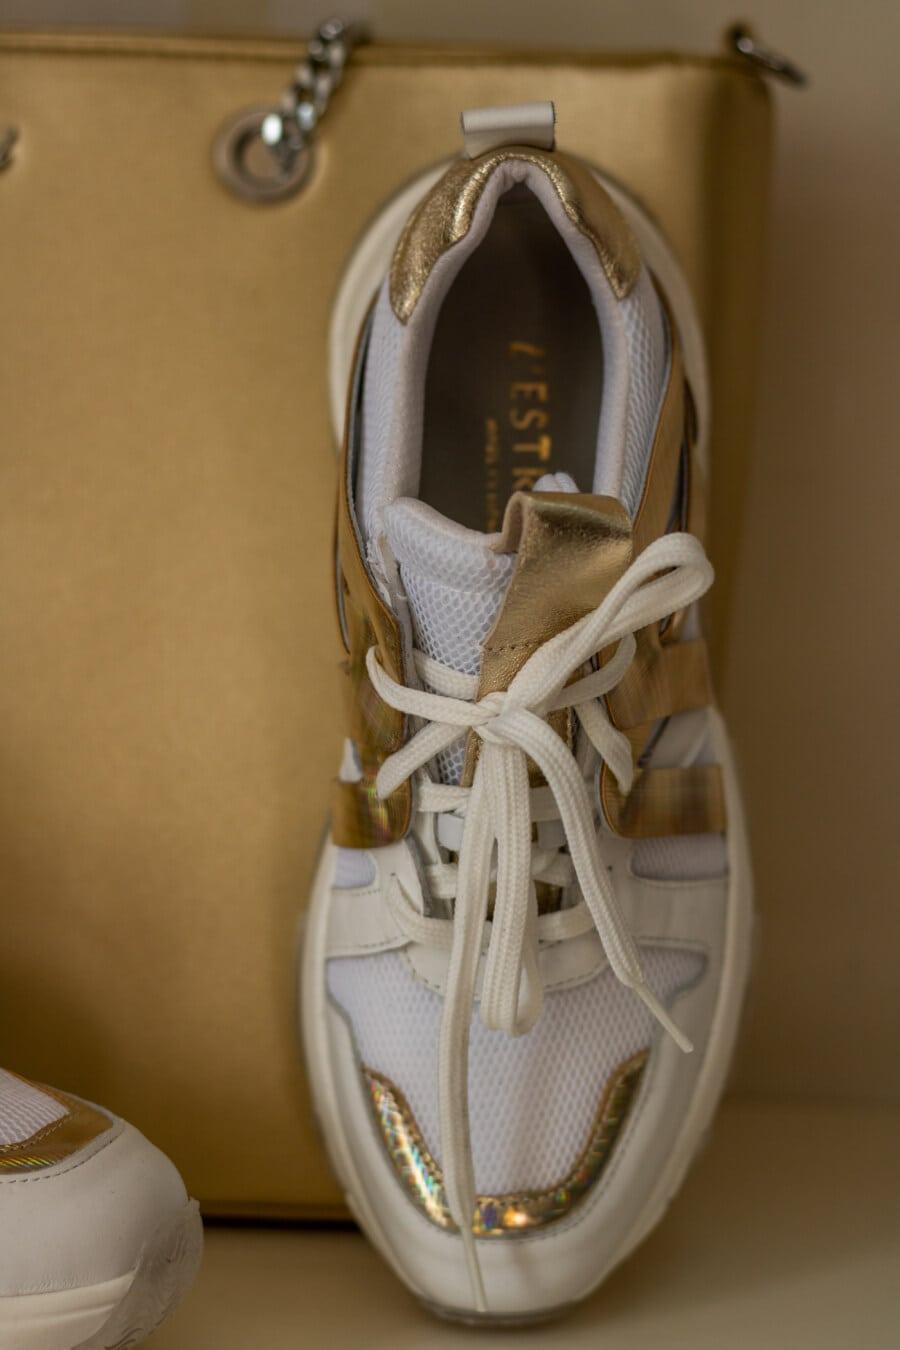 Кроссовки, Шнурки для обуви, крупным планом, сияющий, золотой блеск, глянцевый, обувь, классик, чистка обуви, кожа